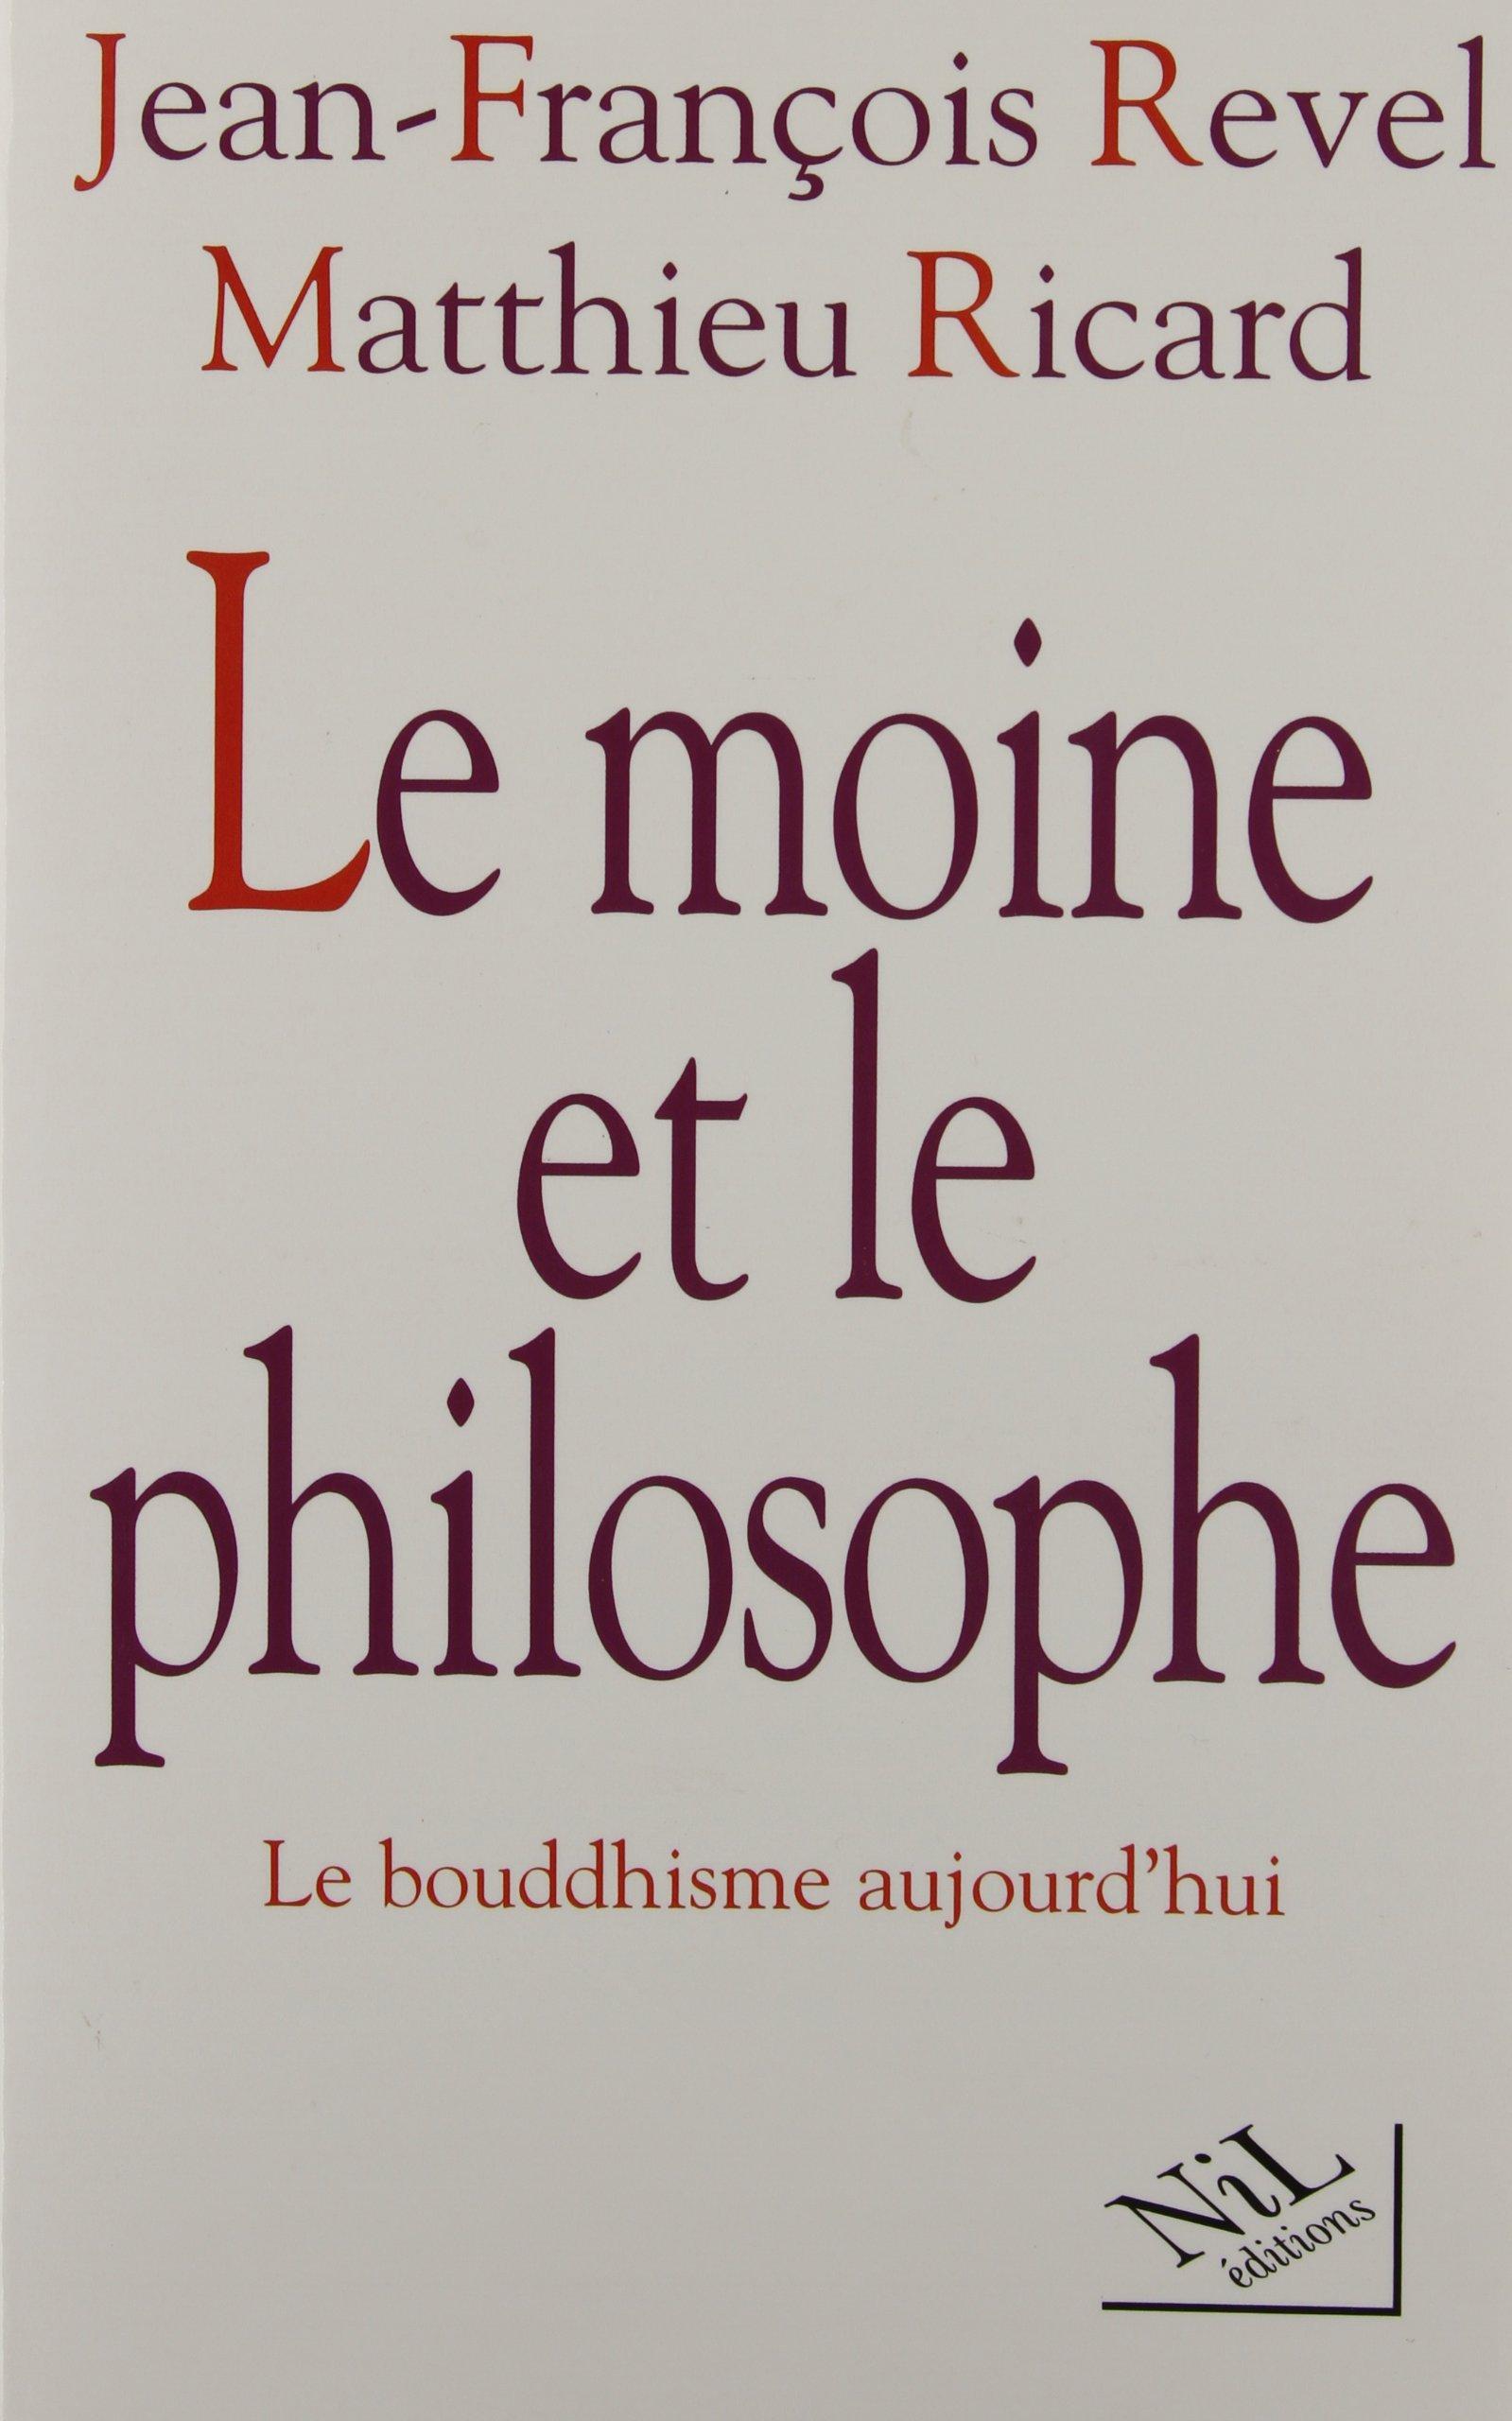 Le moine et le philosophe Broché – 1 avril 1997 Jean-François Revel Matthieu Ricard NIL 2841110664